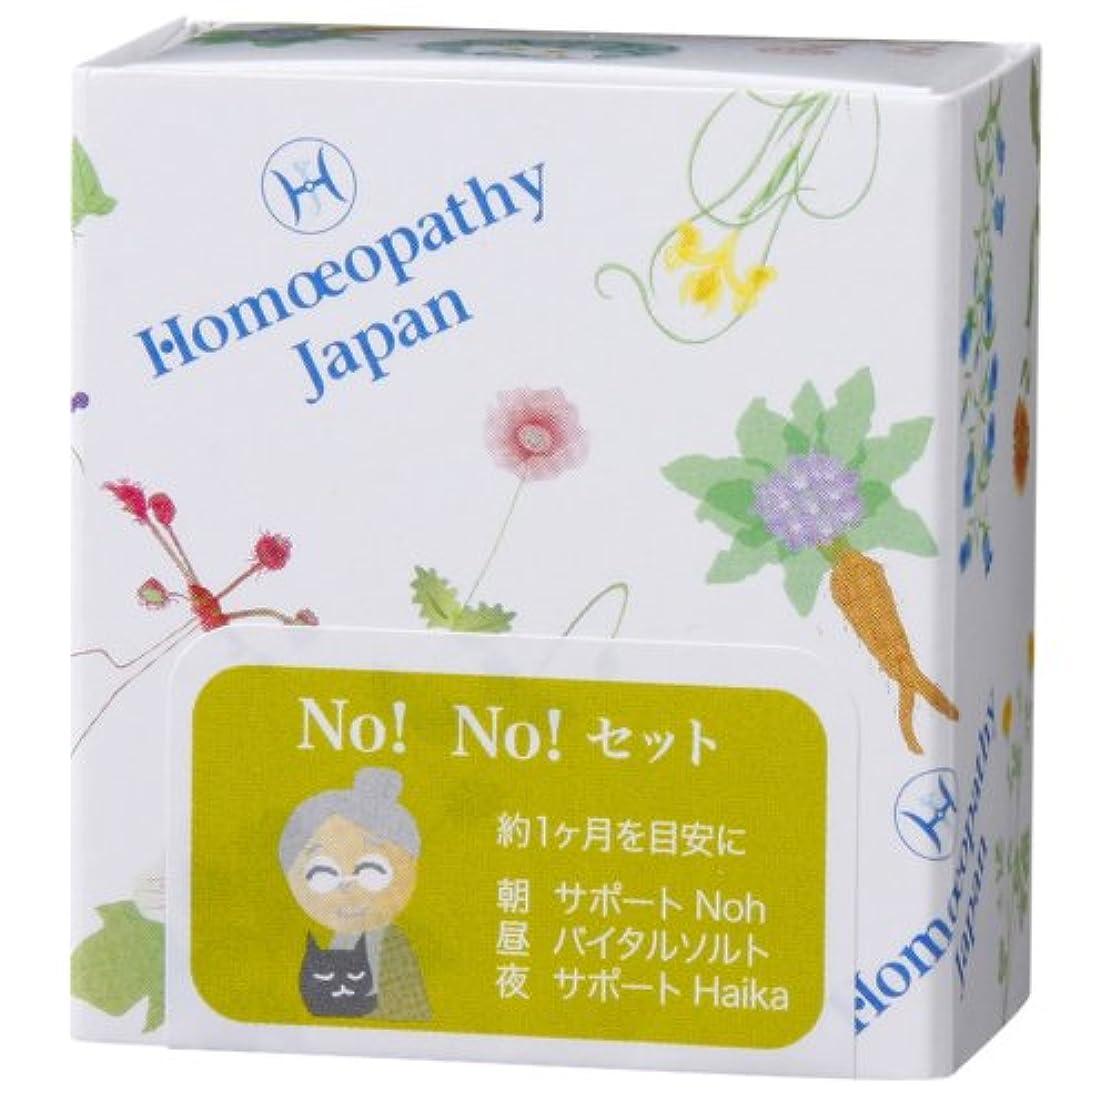 優先後悔郵便屋さんホメオパシージャパンレメディー NO!NO!セット